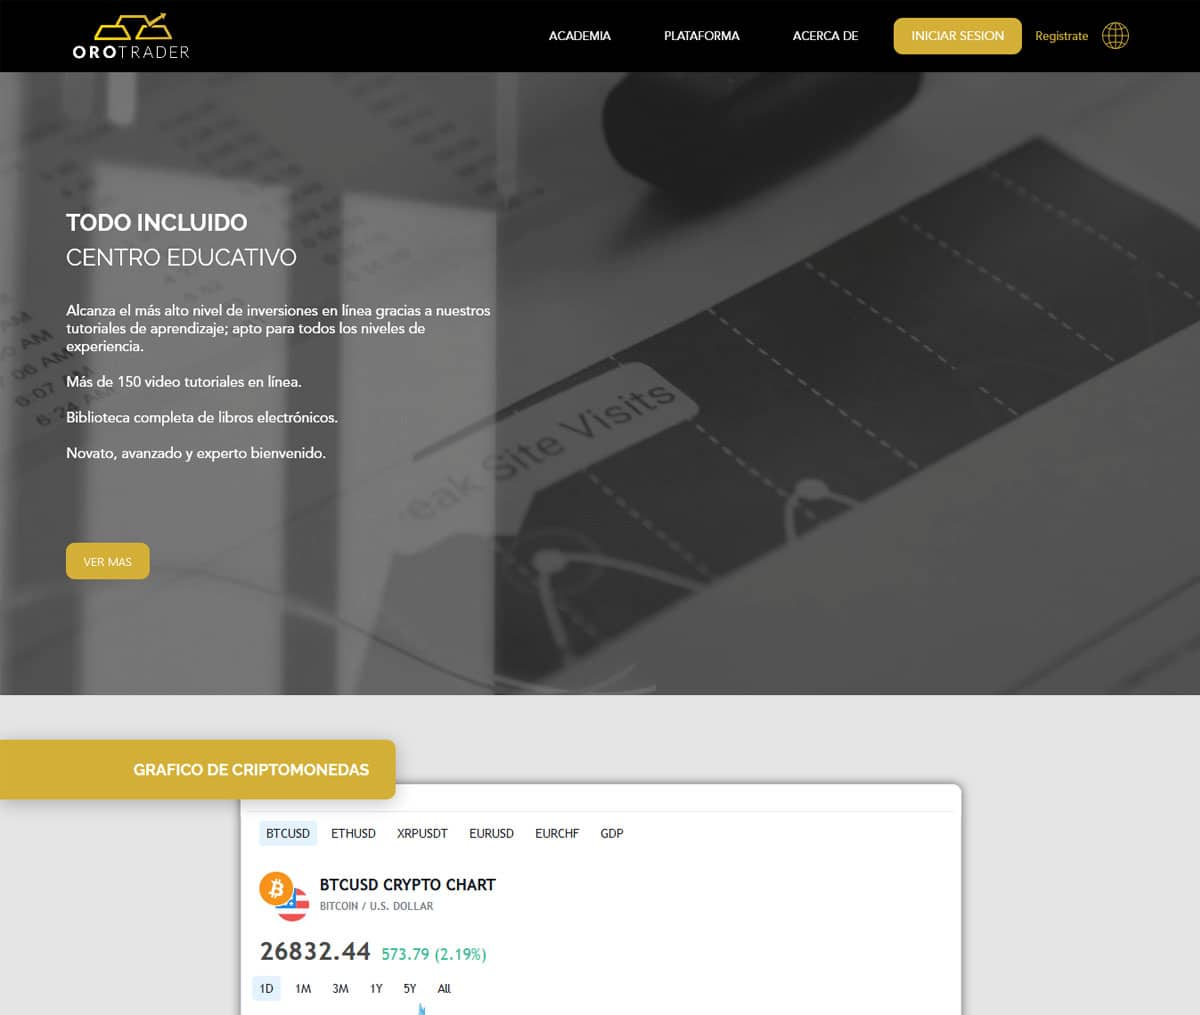 Página web de Orotrader